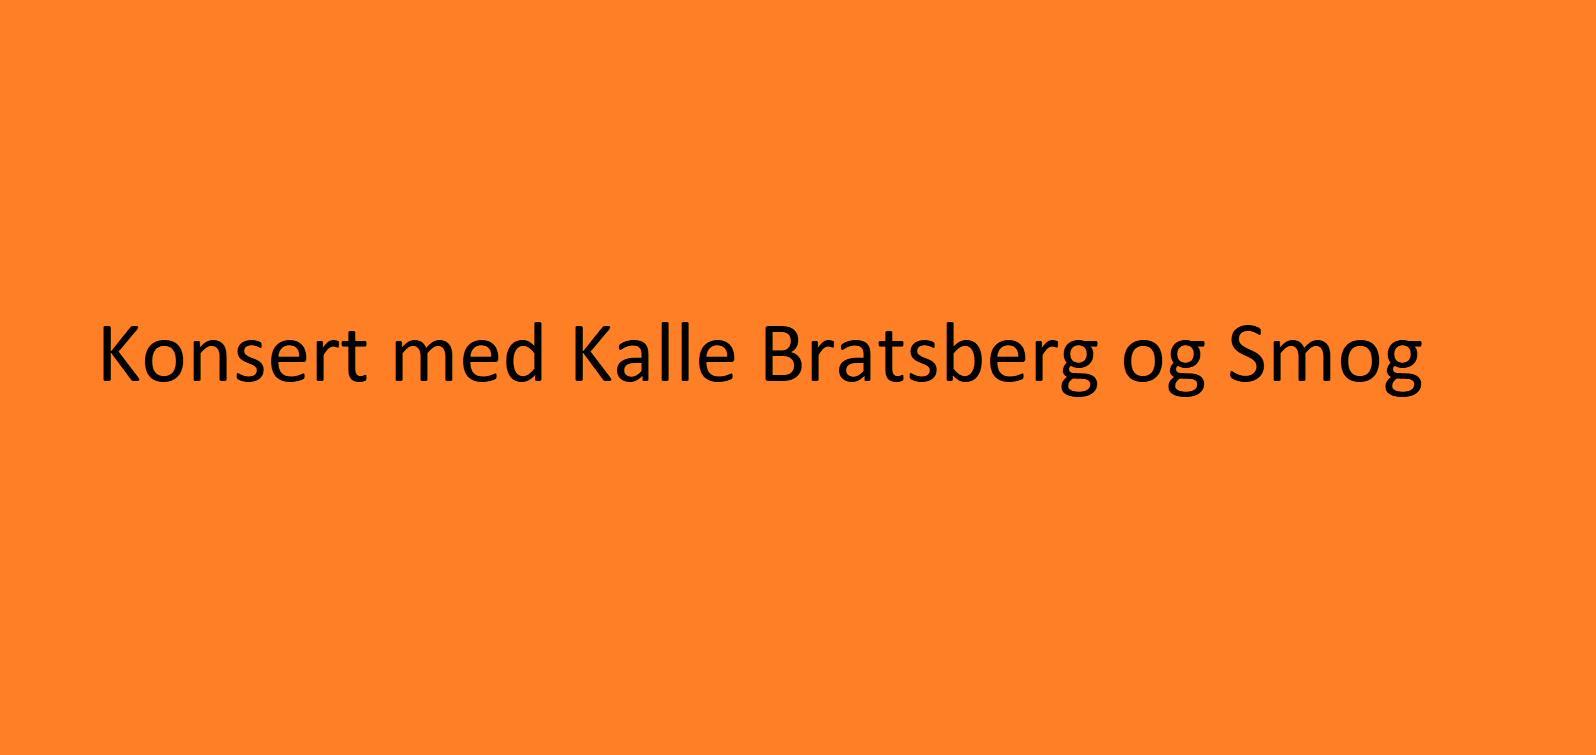 Konsert med Kalle Bratsberg og Smog